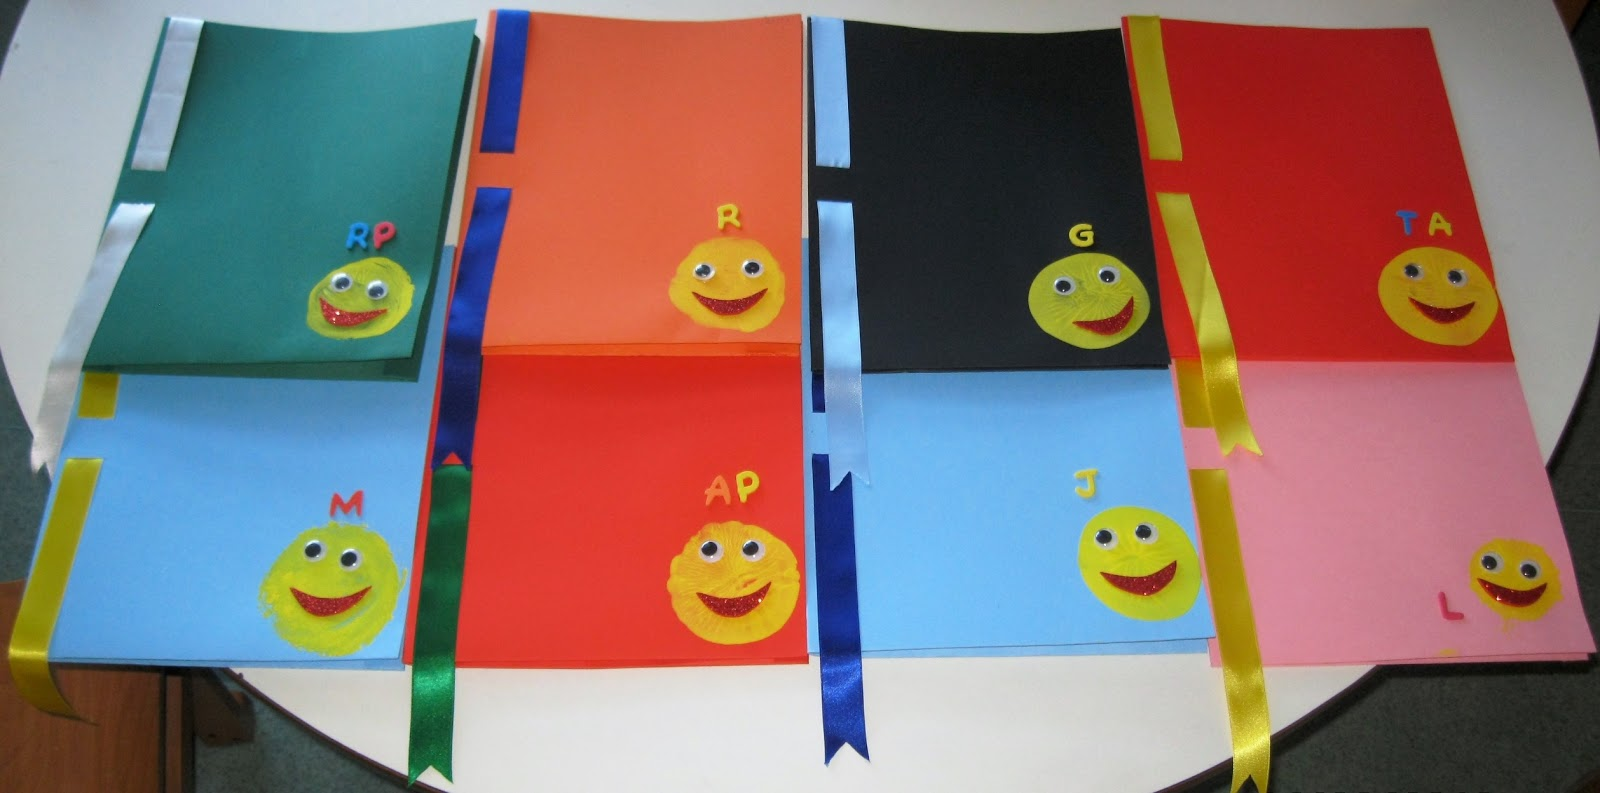 imagens jardim infancia:Diplomas e capas para os meninos que permanecem no jardim de infância